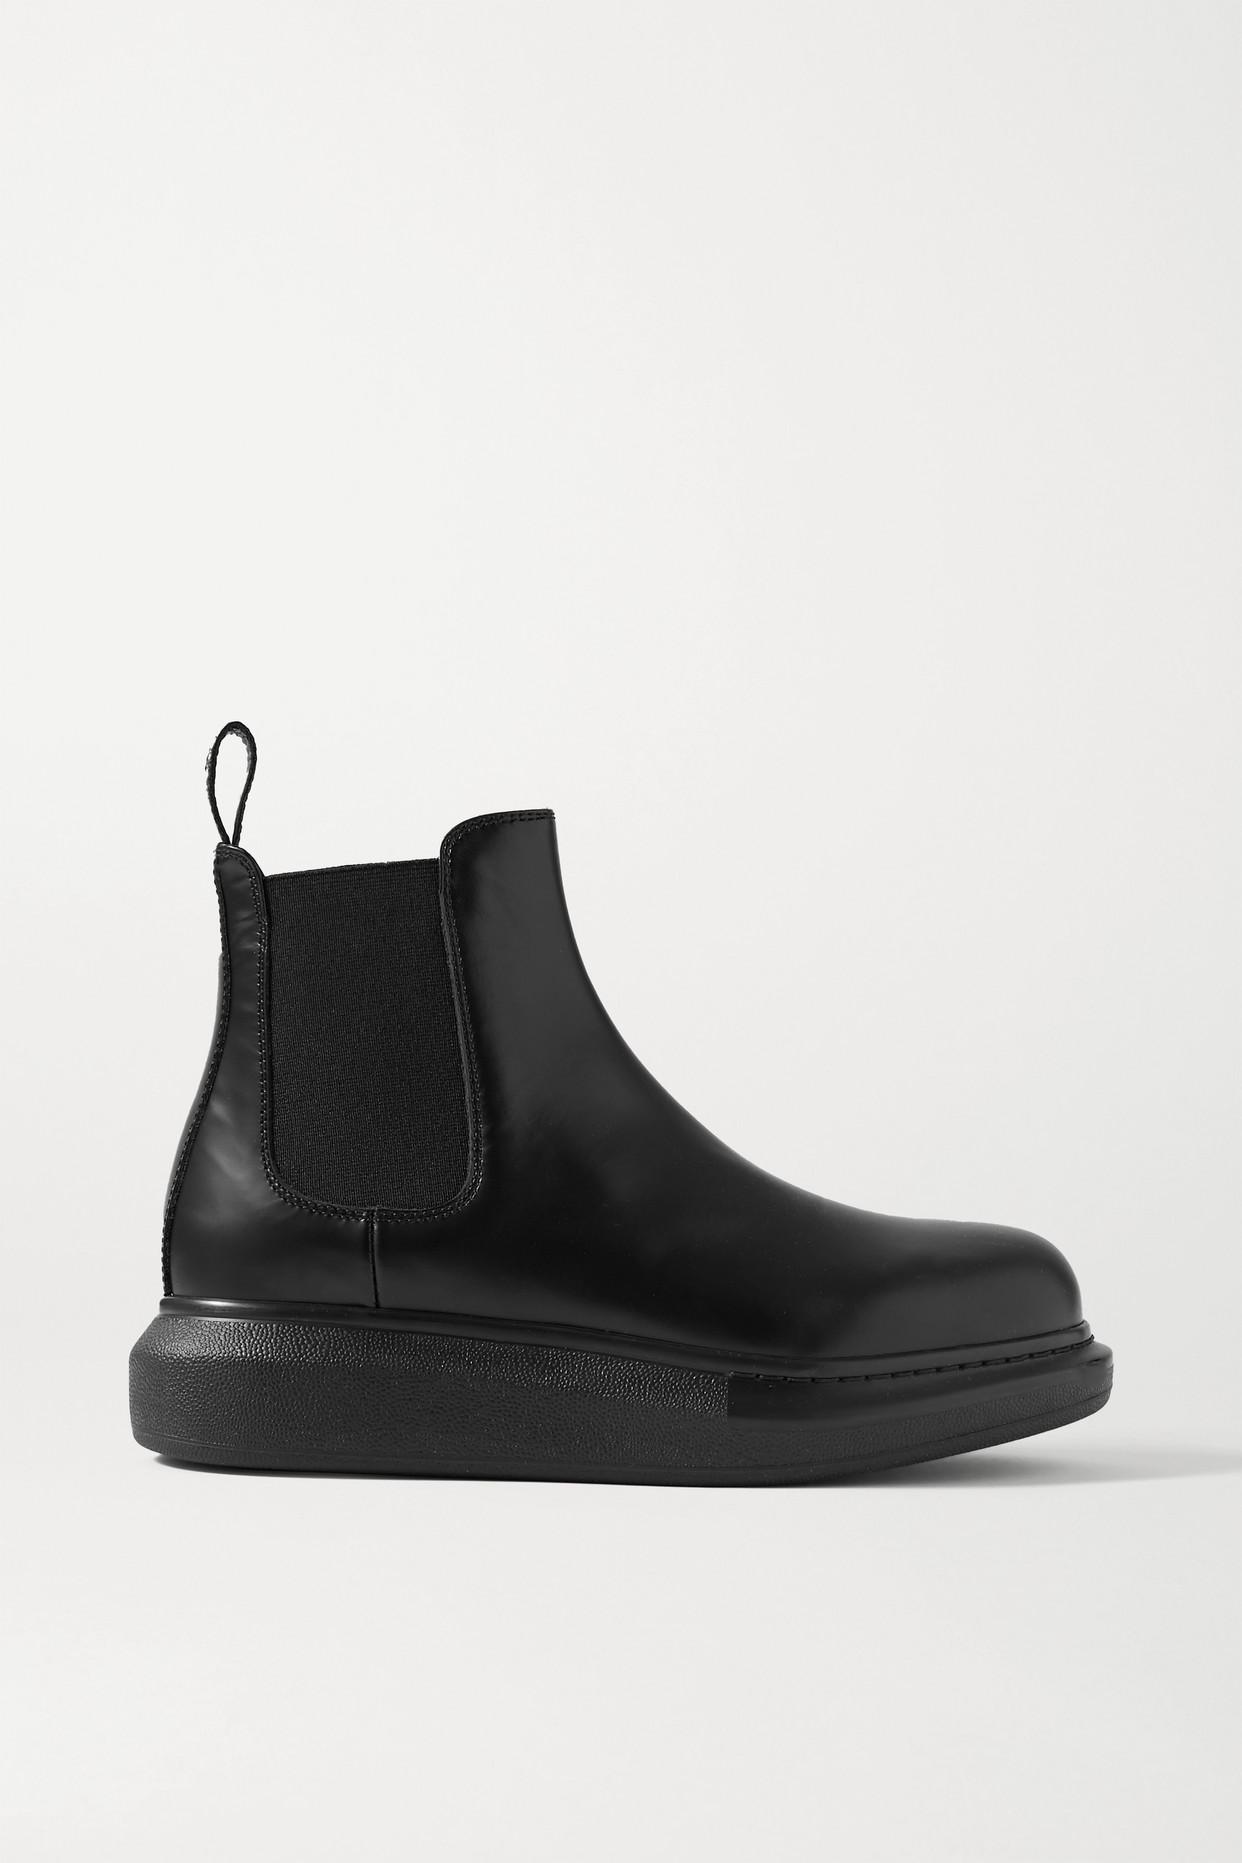 ALEXANDER MCQUEEN - 皮革厚底切尔西靴 - 黑色 - IT35